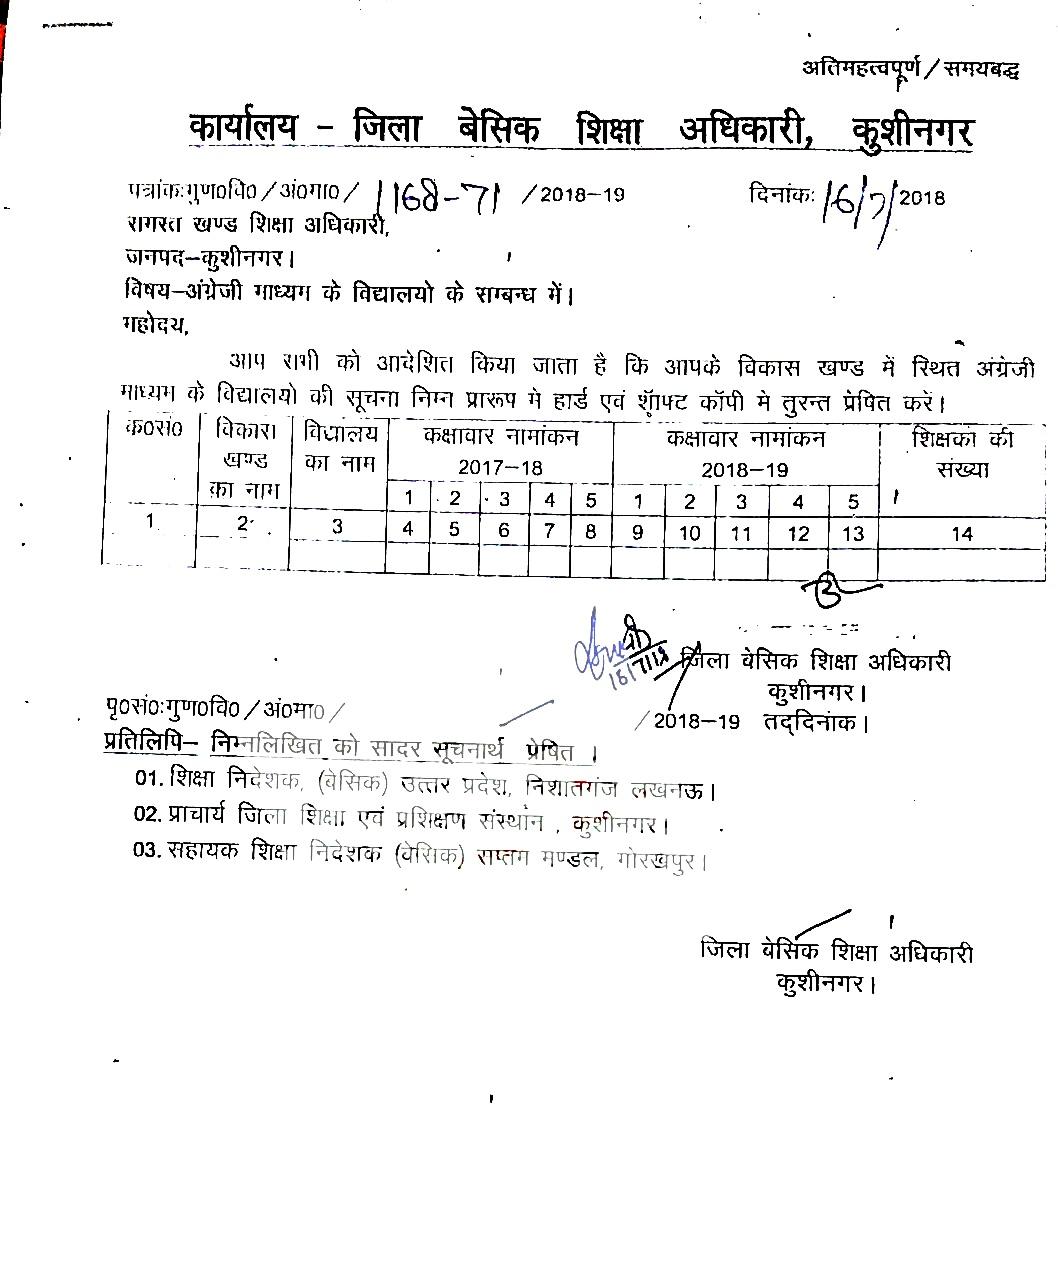 Kushinagar: परिषदीय इंग्लिश मीडियम विद्यालयों में वर्ष 2017-18 और 2018-19 में हुए नामांकन का कक्षावार विवरण निर्धारित प्रारूप पर उपलब्ध कराने को सभी बीईओ को निर्देश जारी, देखें